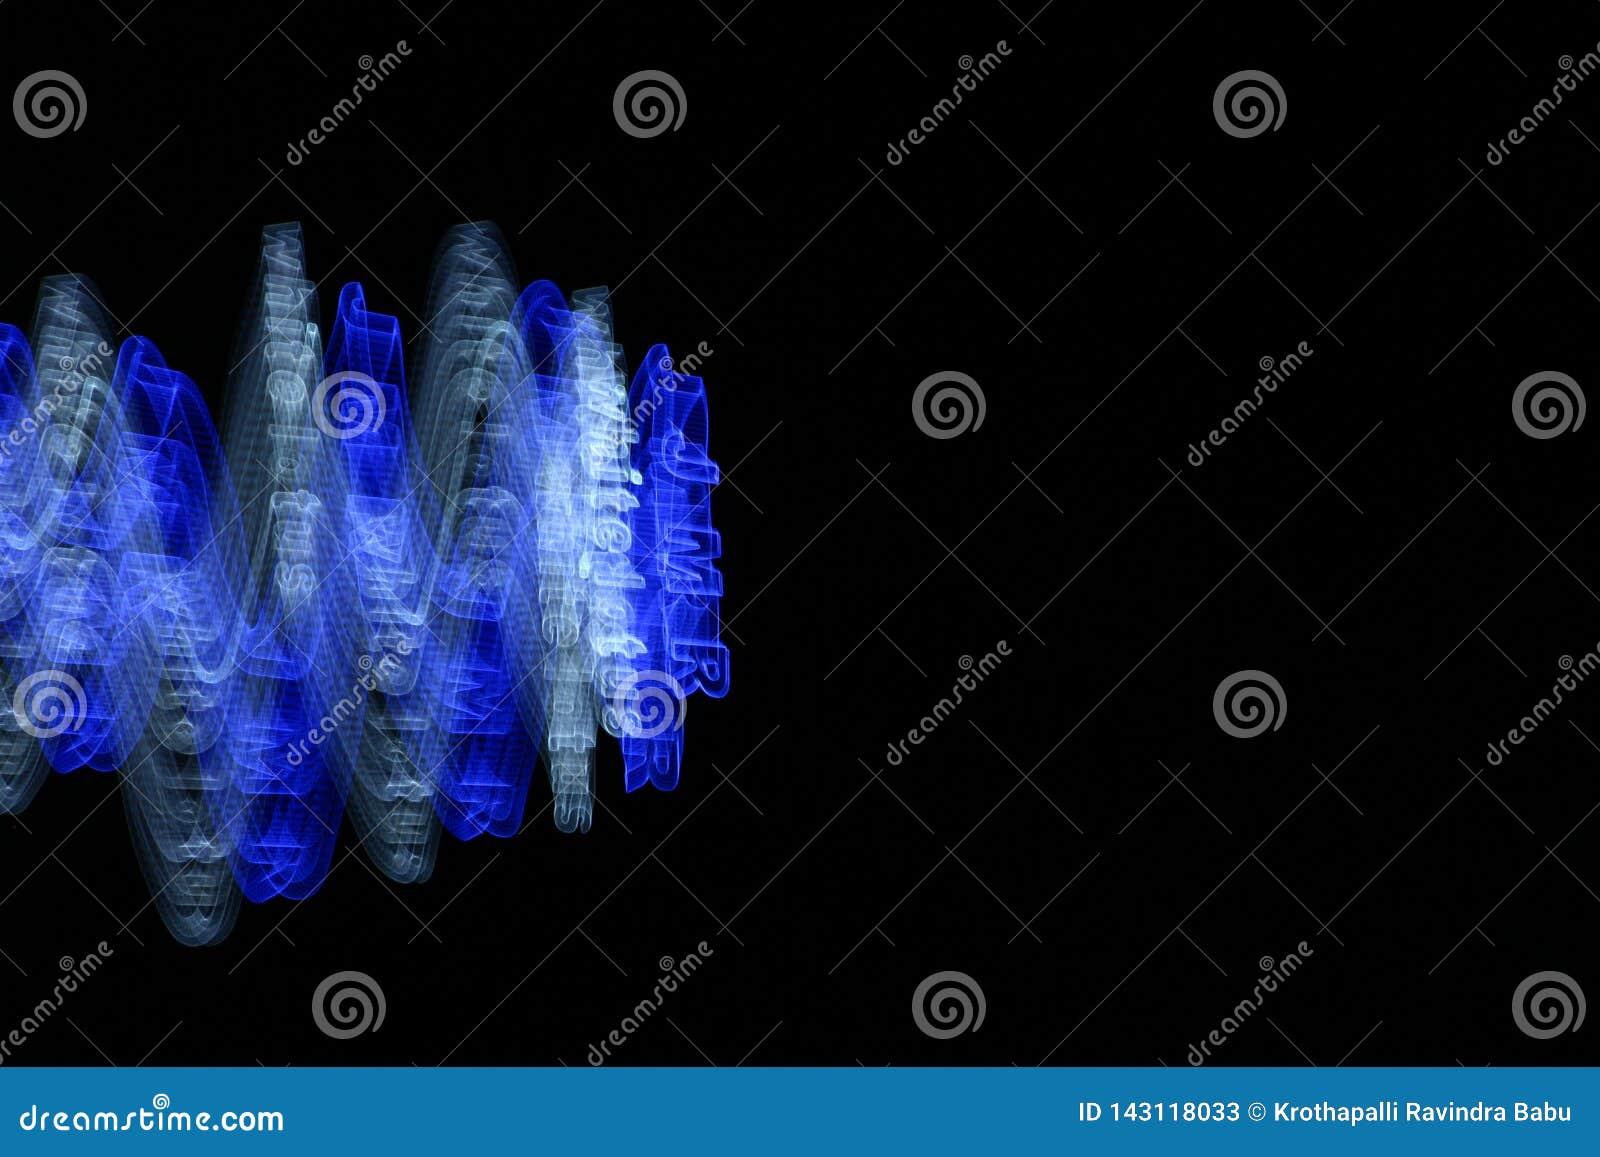 Close up lento abstrato das luzes do obturador